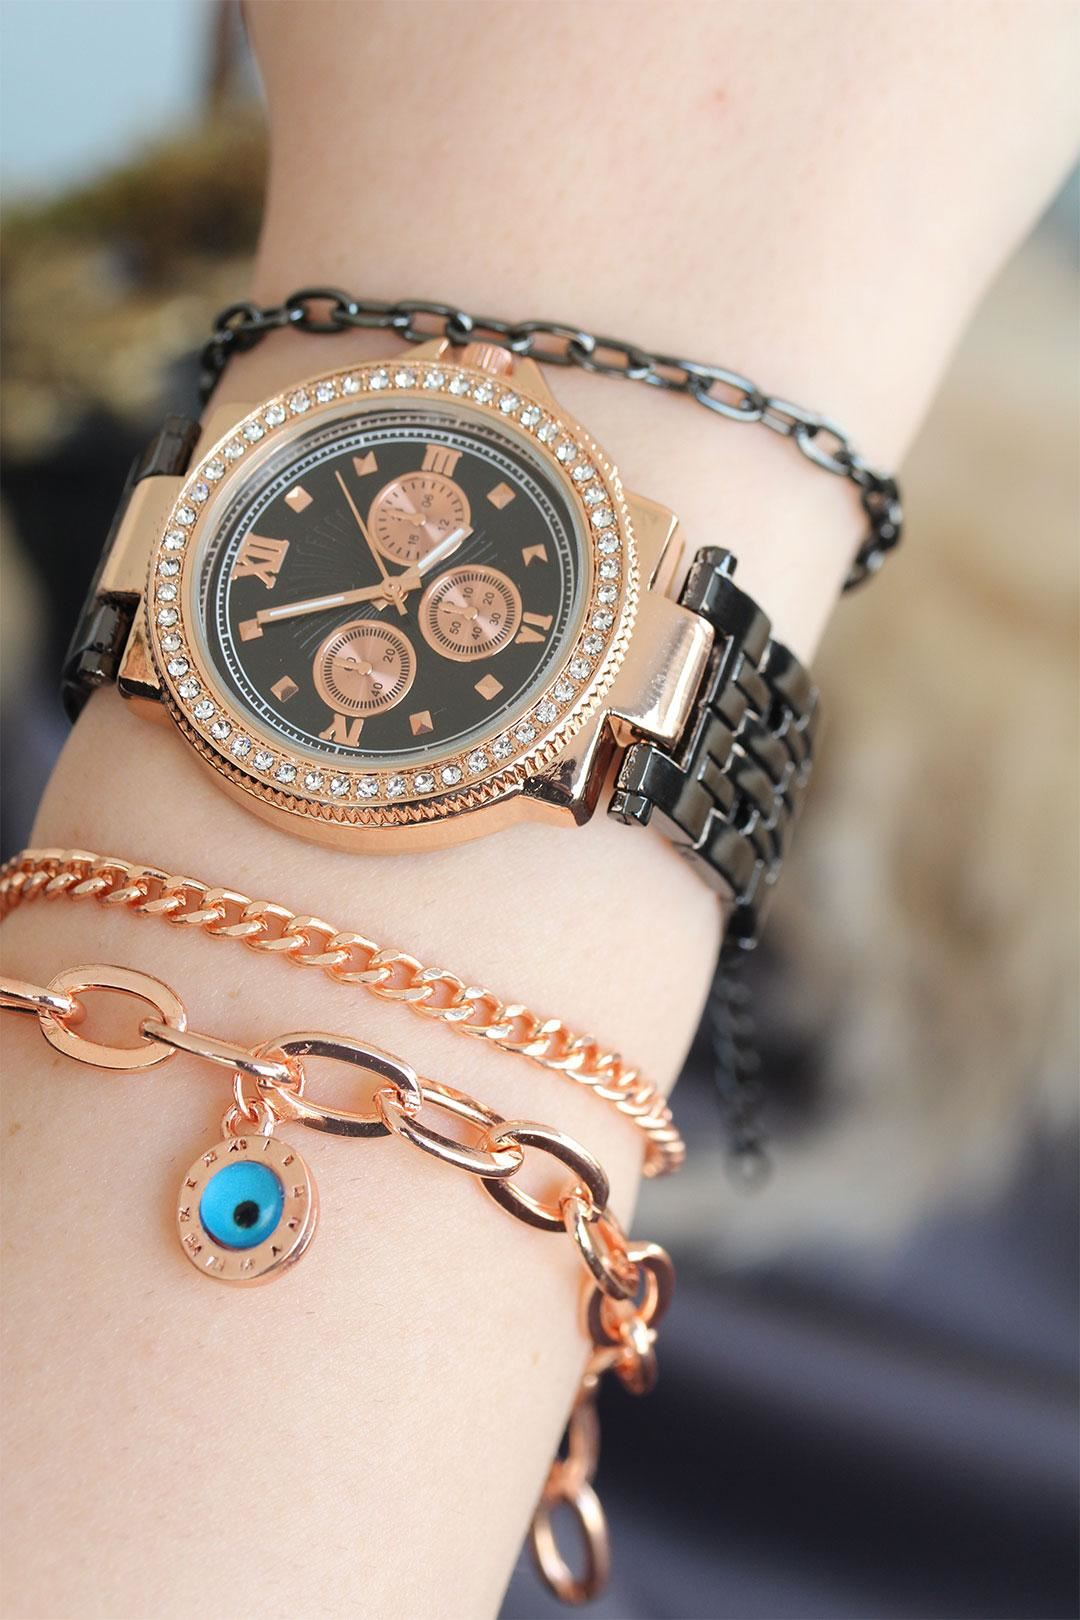 Füme Renk Metal Kordonlu Rose Taşlı Kasa Kadın Saat ve Bileklik Kombini